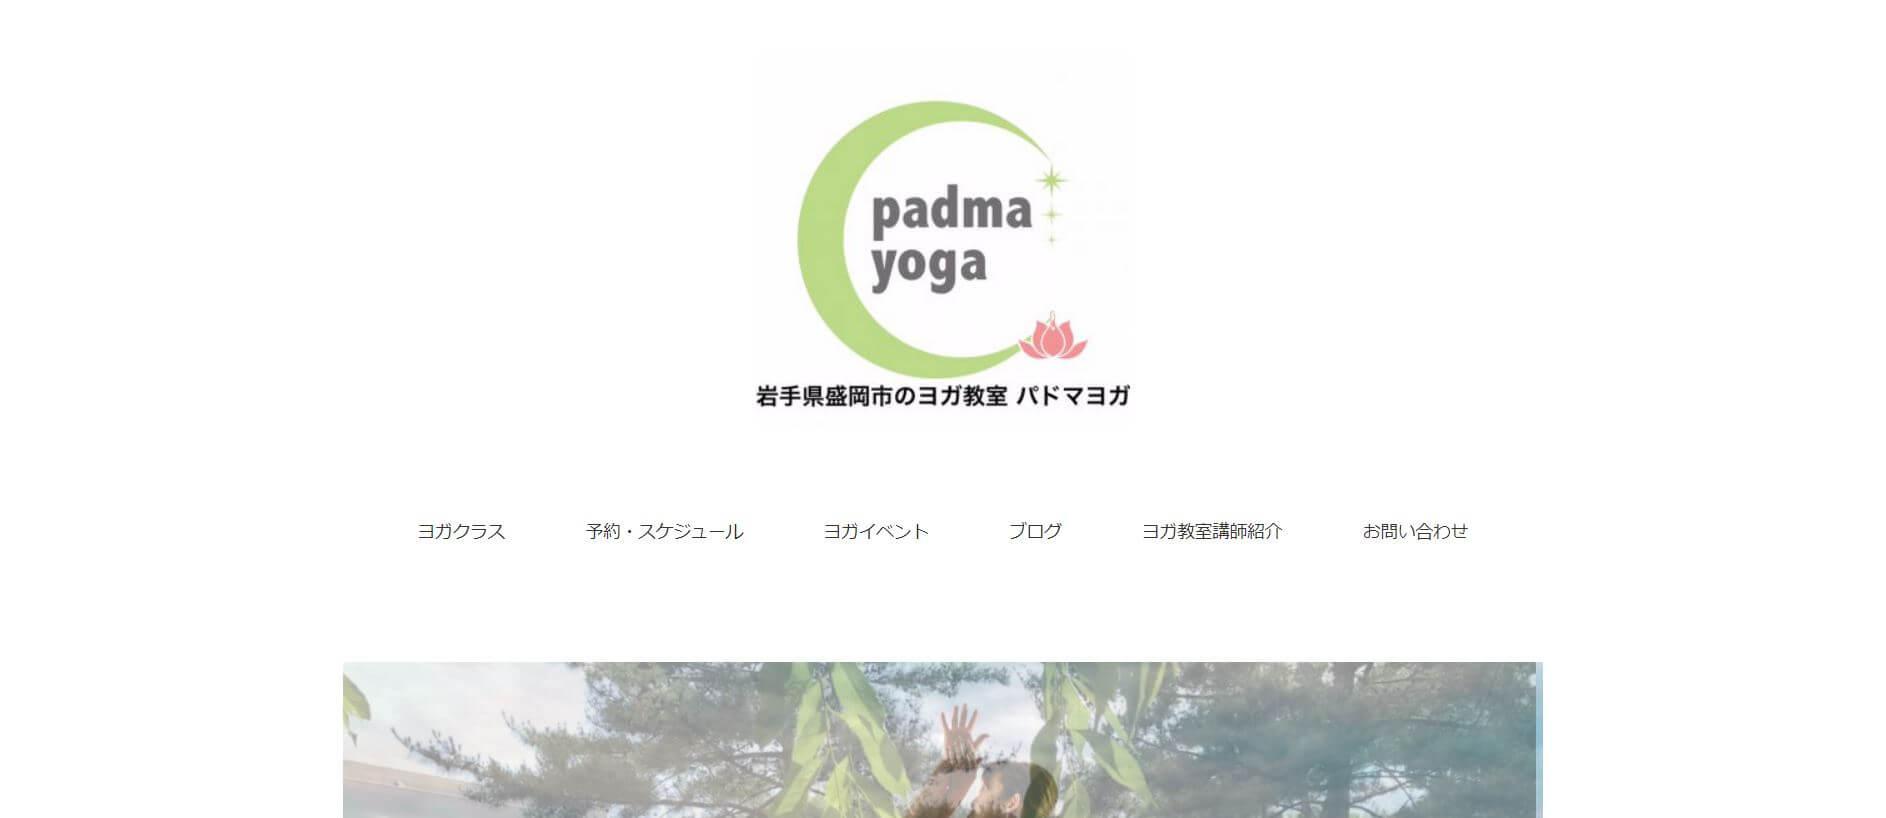 padoma yoga